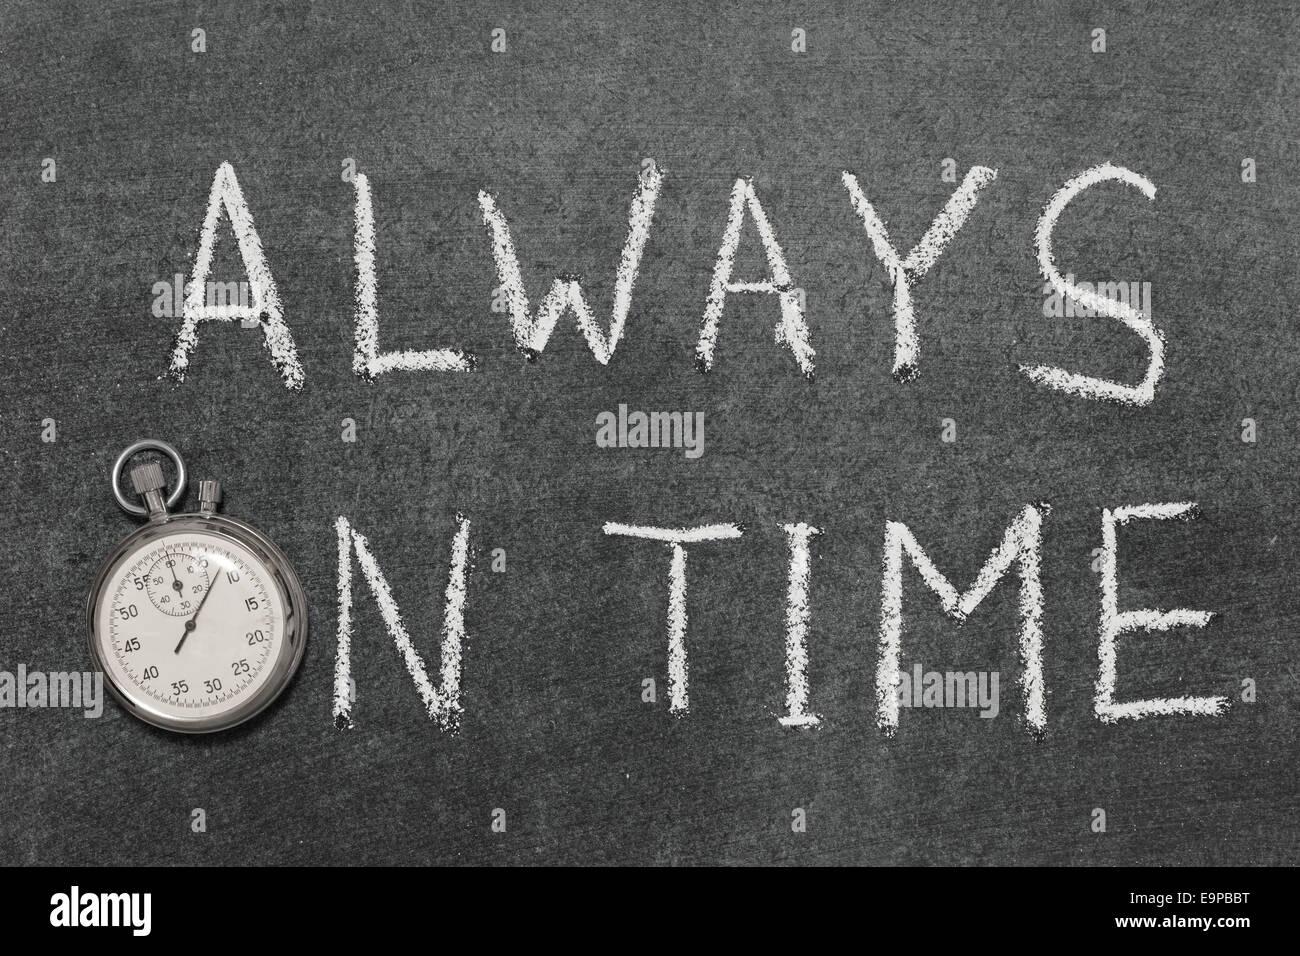 Sempre sul concetto di tempo manoscritta su lavagna con vintage cronometro preciso utilizzato al posto di o Immagini Stock